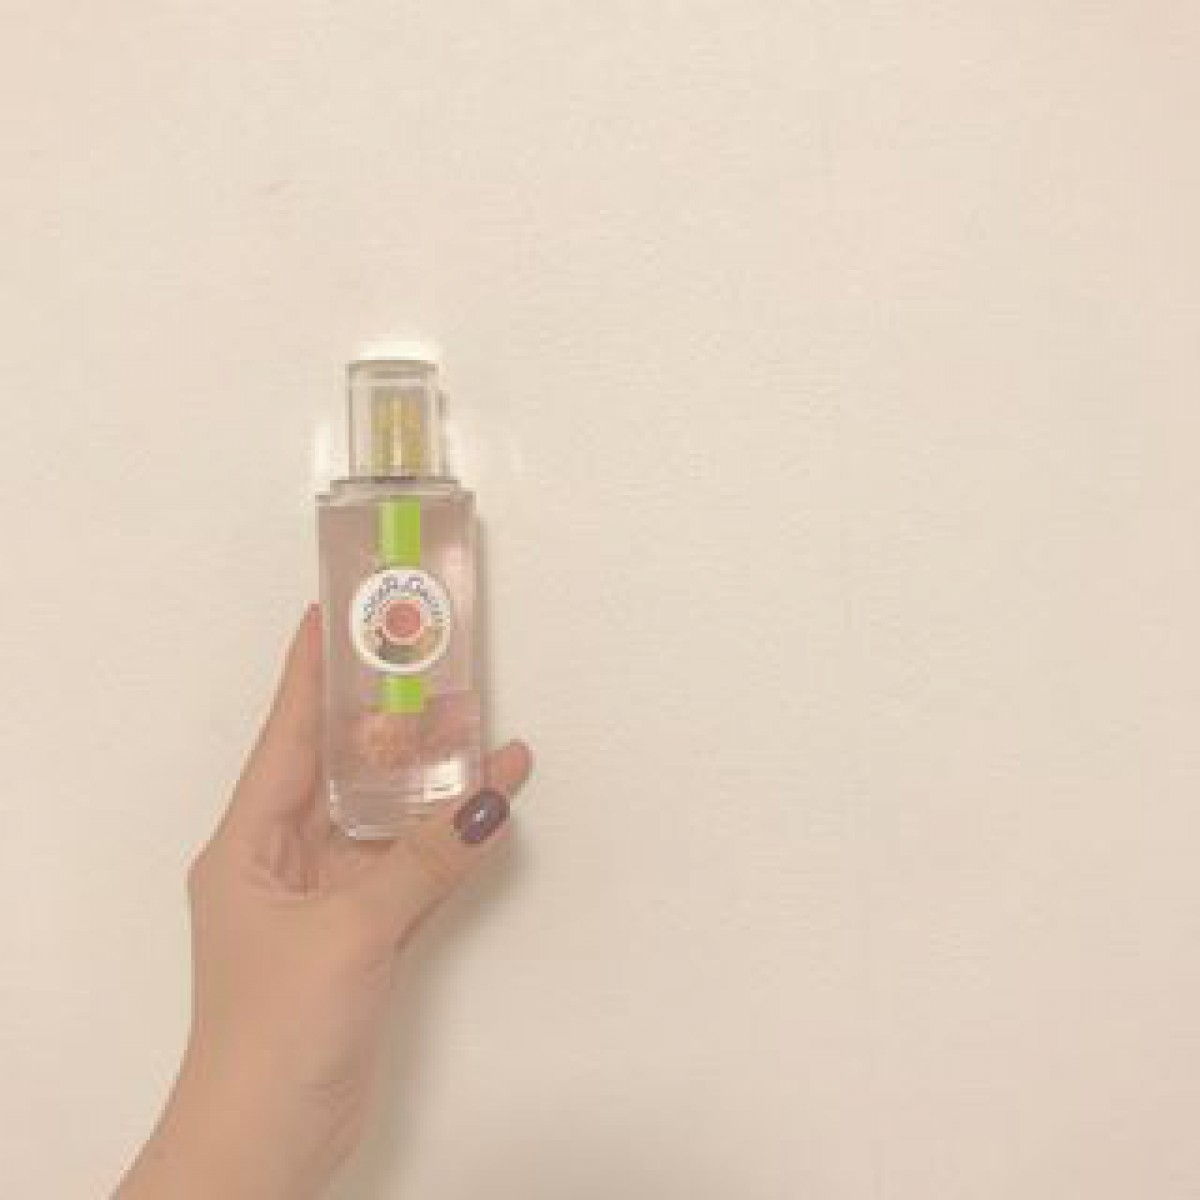 ナチュラルに香るのが目標。貴方の魅力を引き出す「香水以外でいい香りを出す方法」